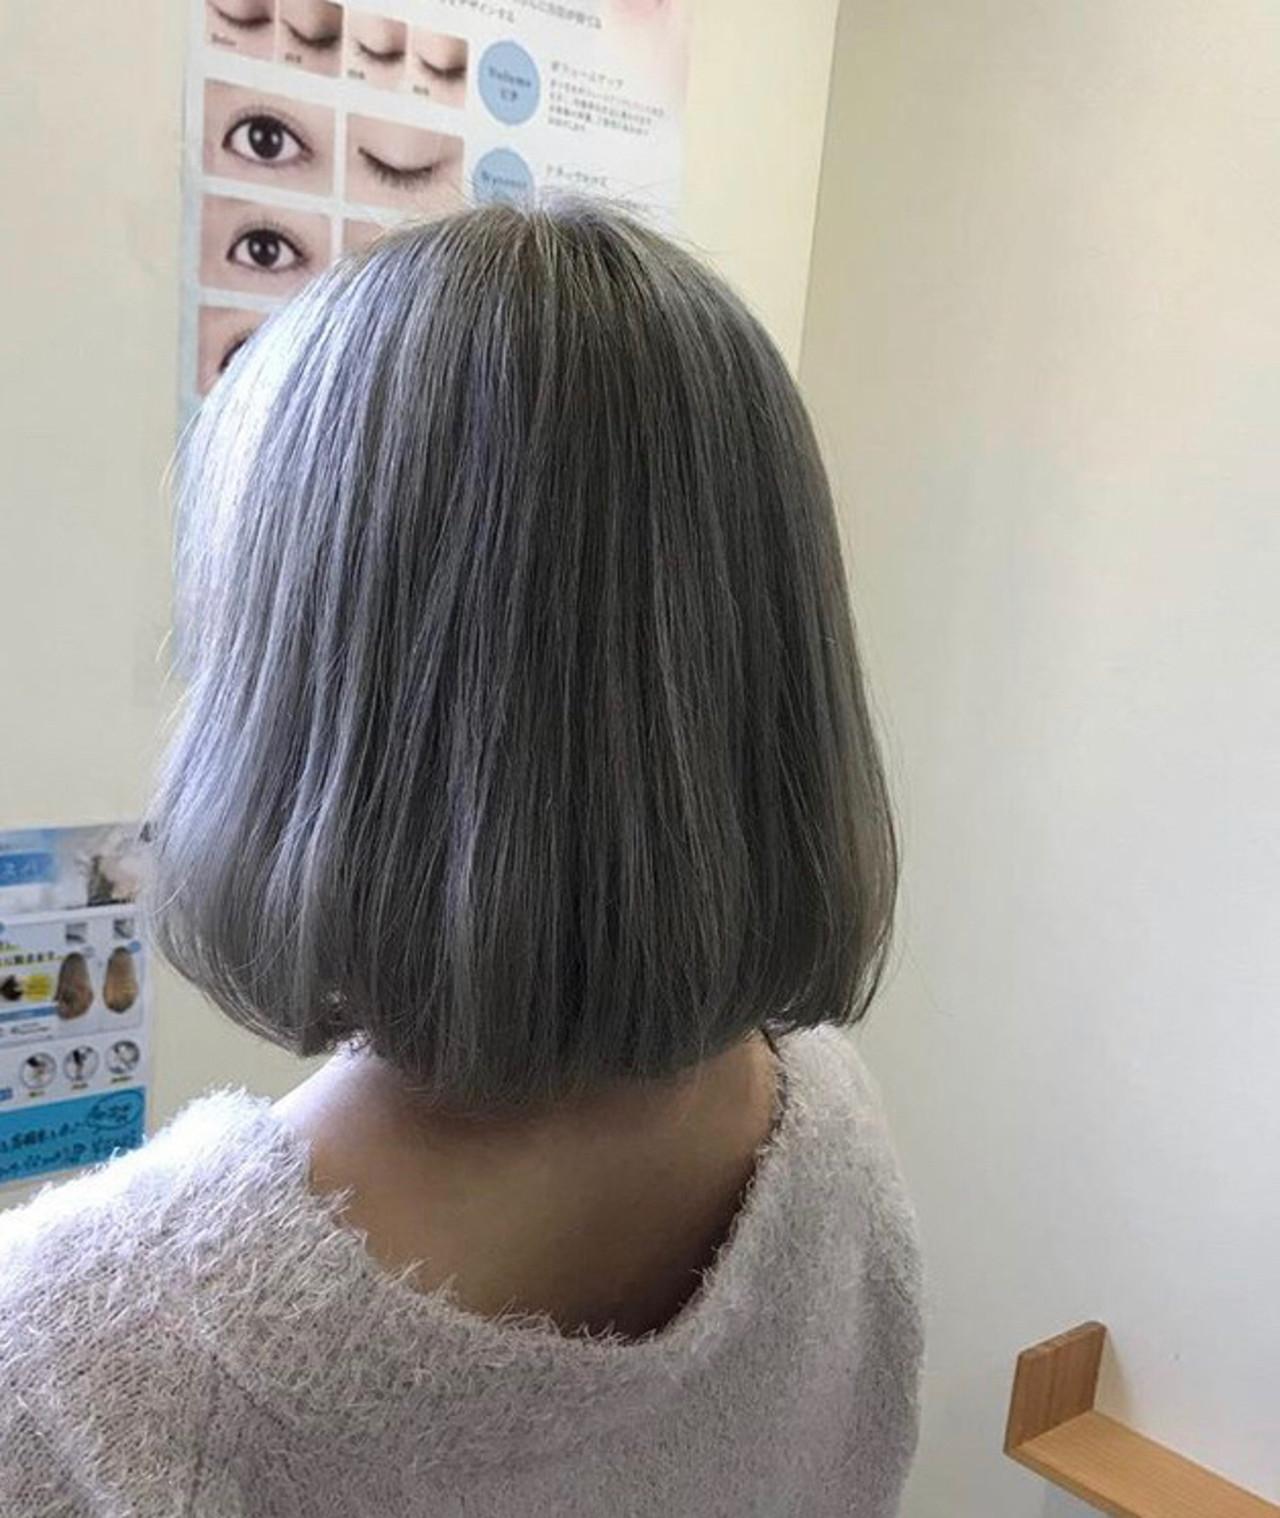 ボブ ガーリー ブリーチカラー ホワイトカラーヘアスタイルや髪型の写真・画像